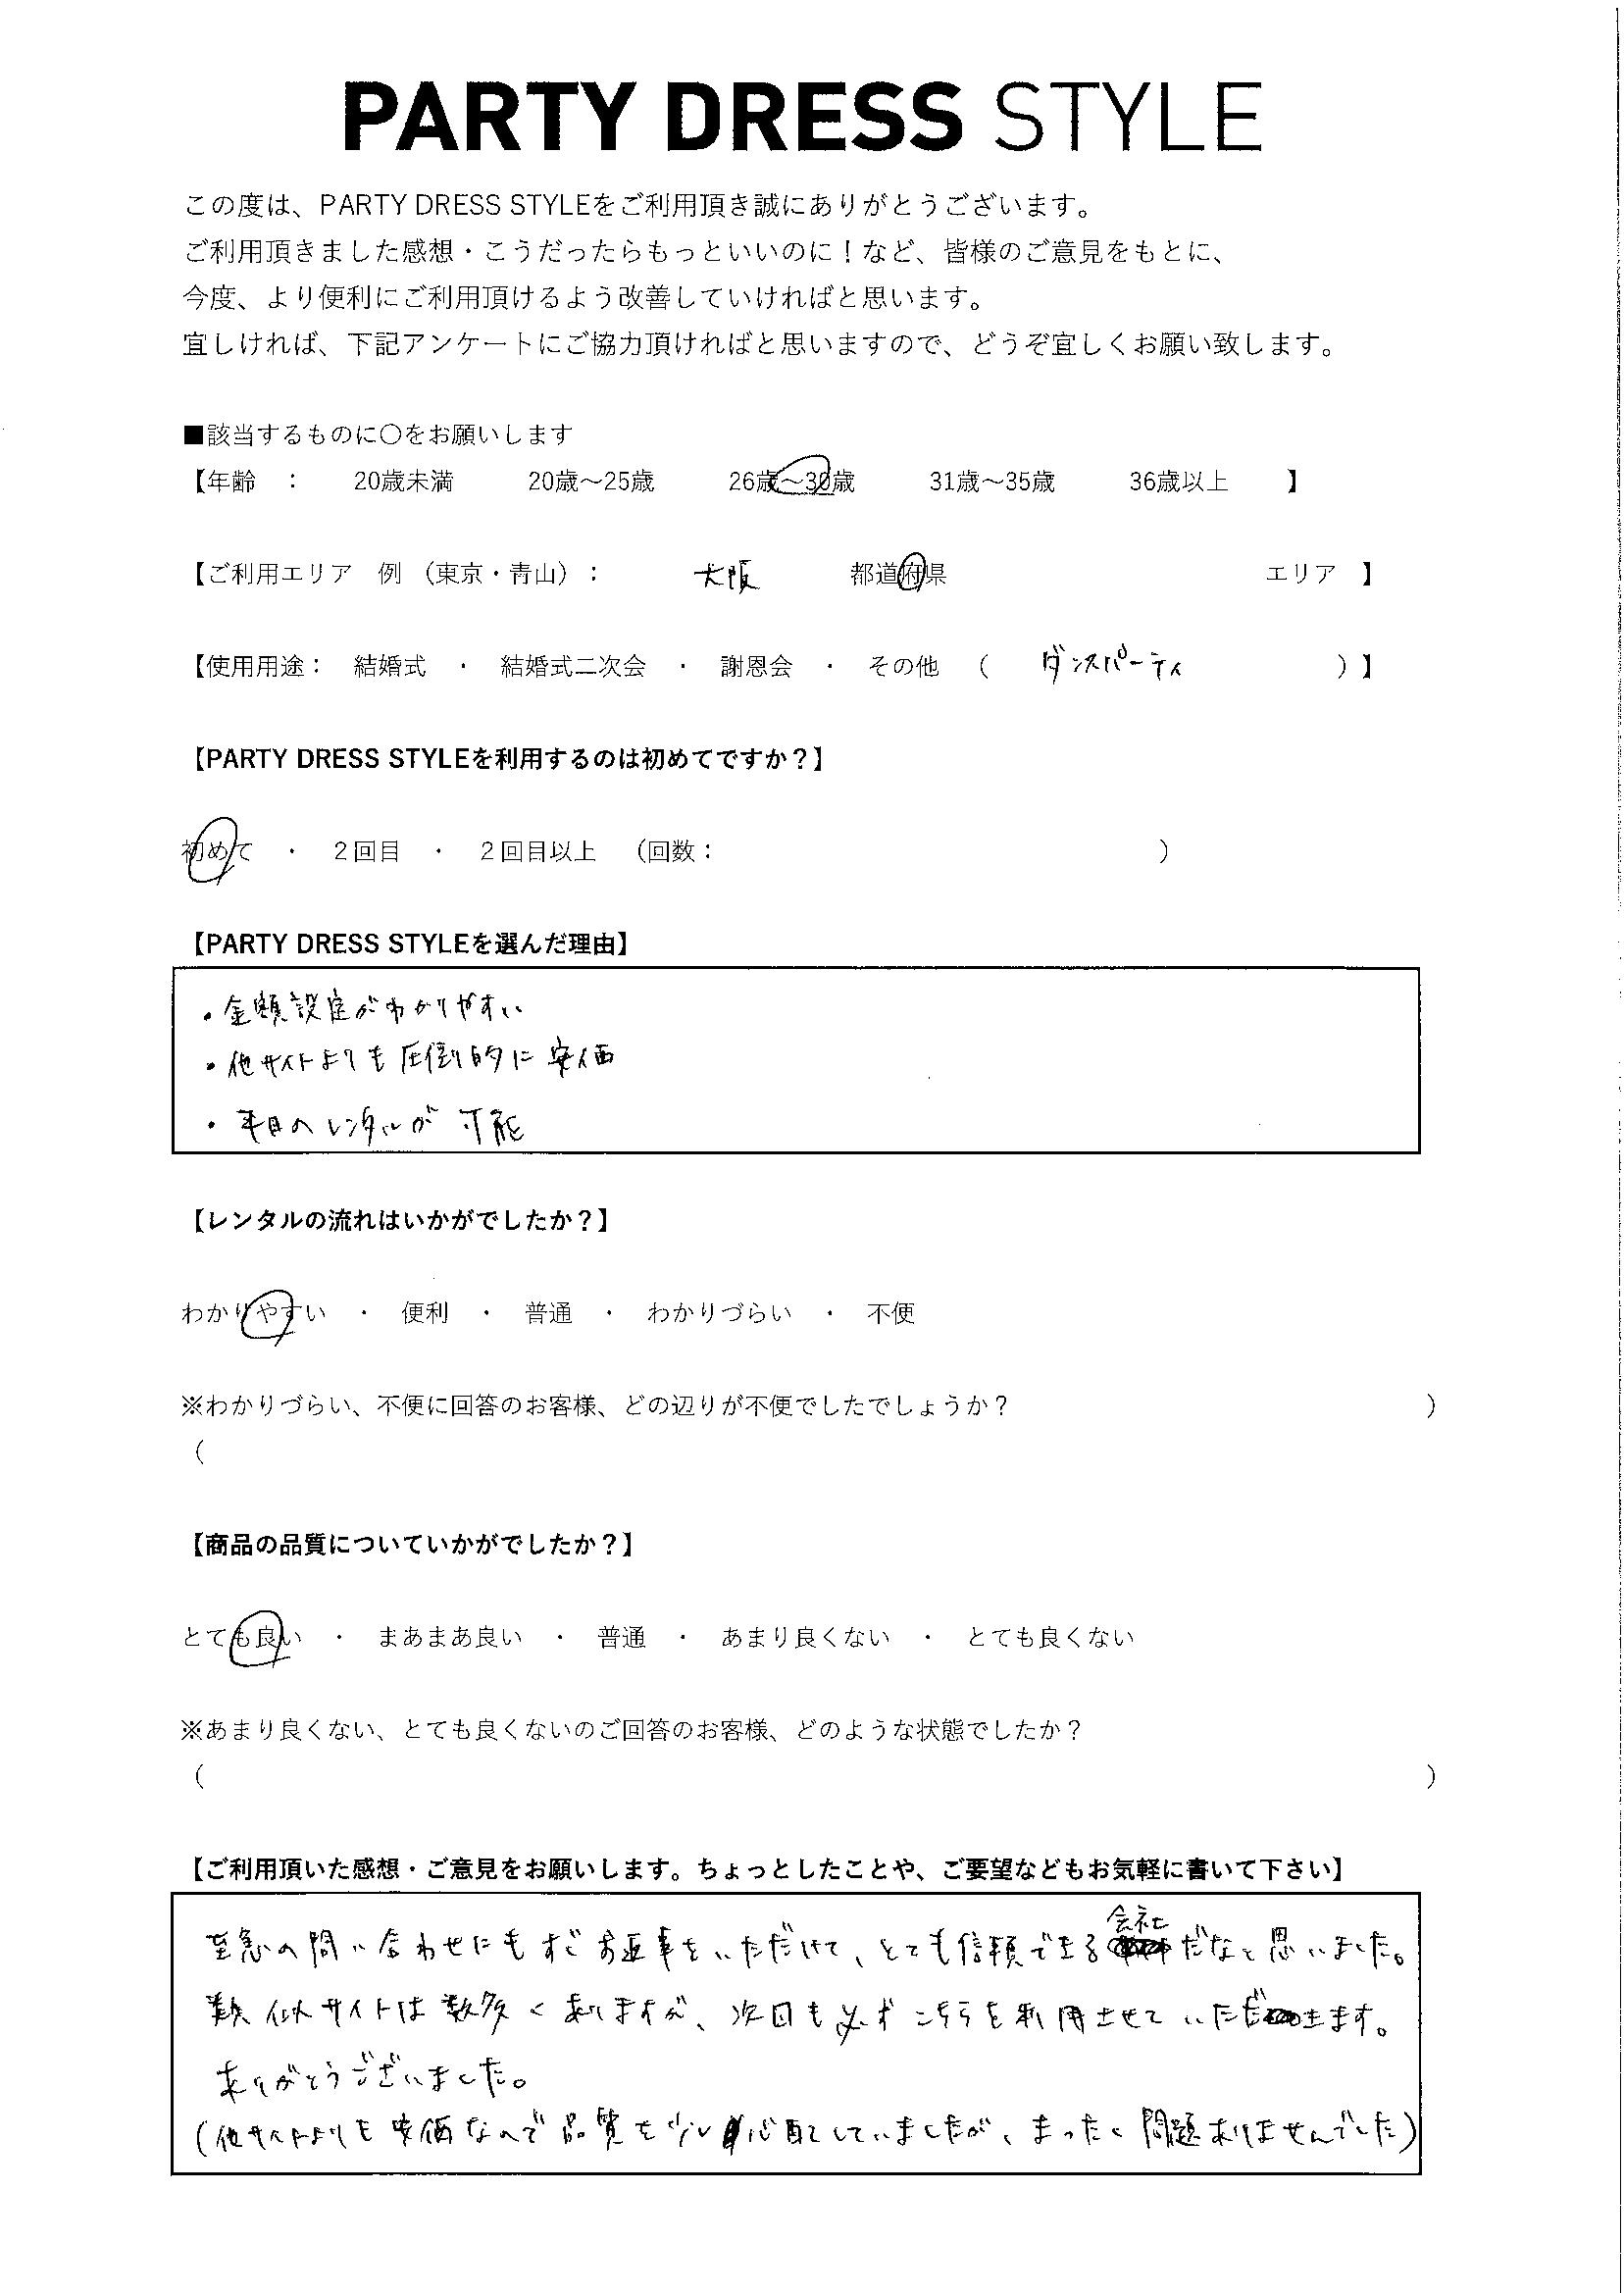 3/29ダンスパーティご利用 大阪エリア